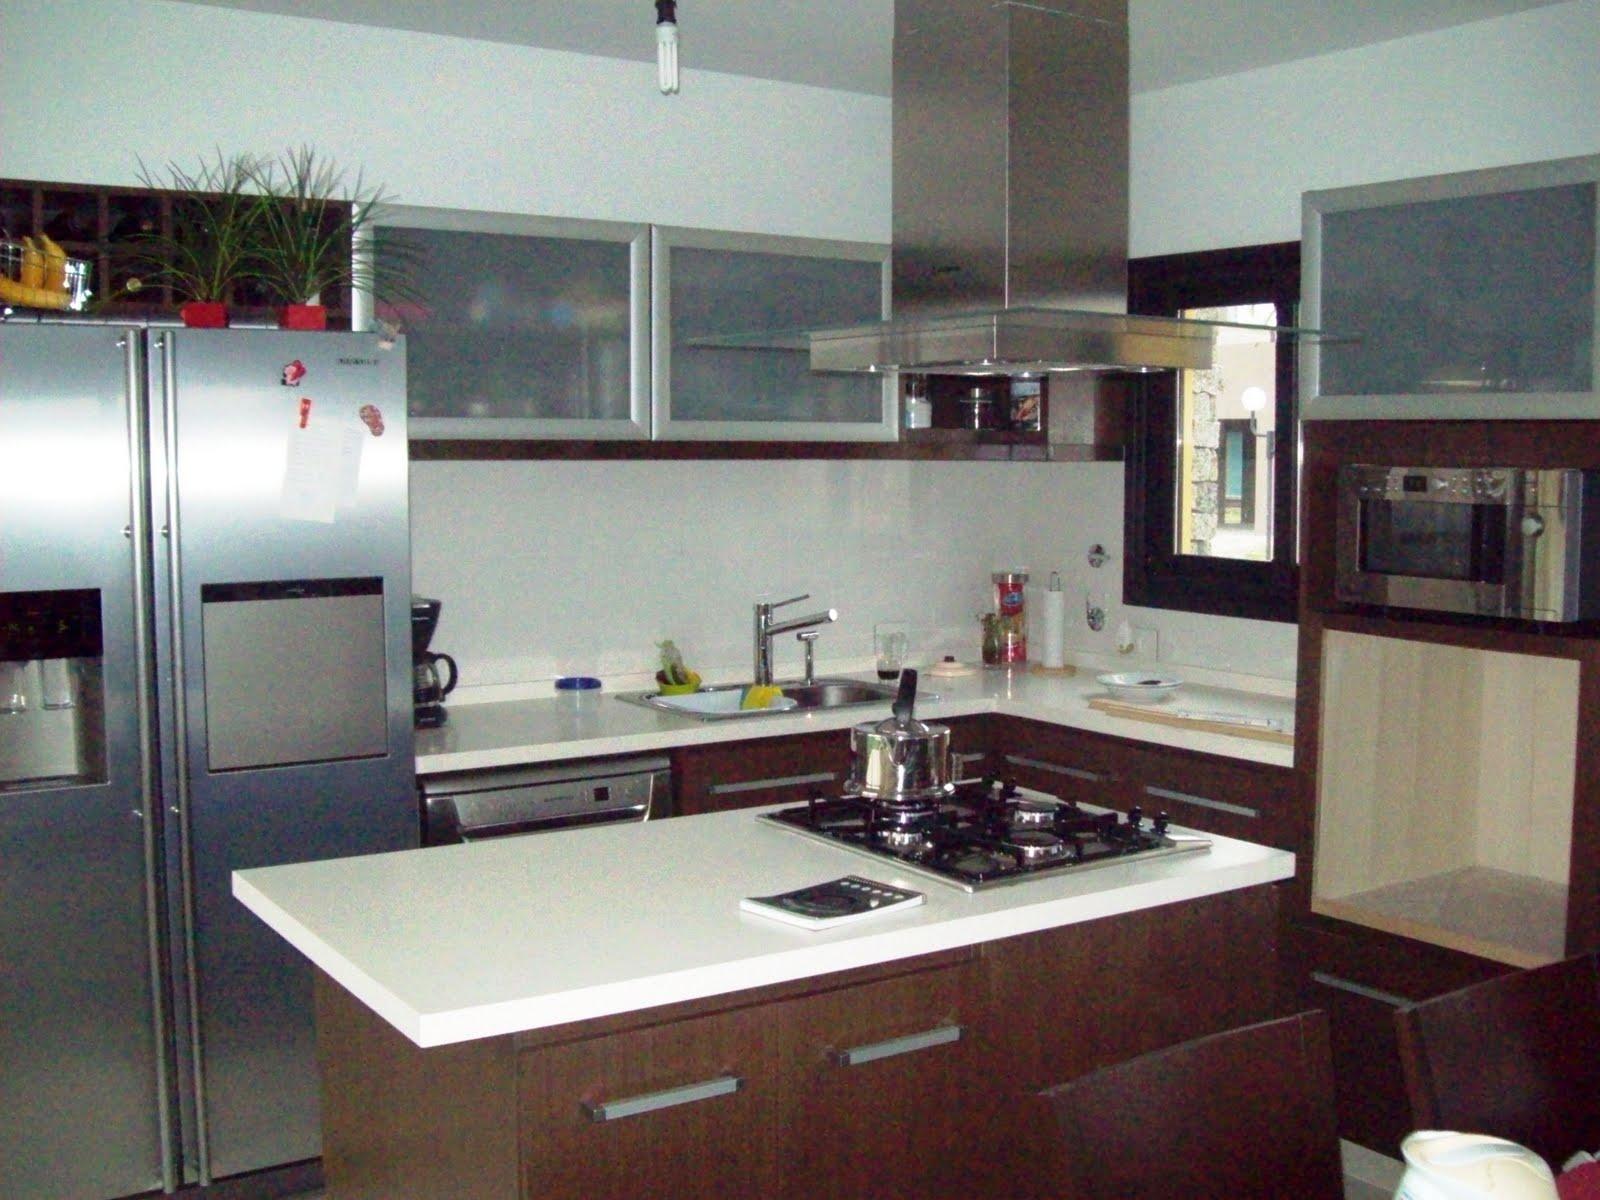 Ag amoblamientos cocinas y vestidores isla central for Cocinas integrales con isla